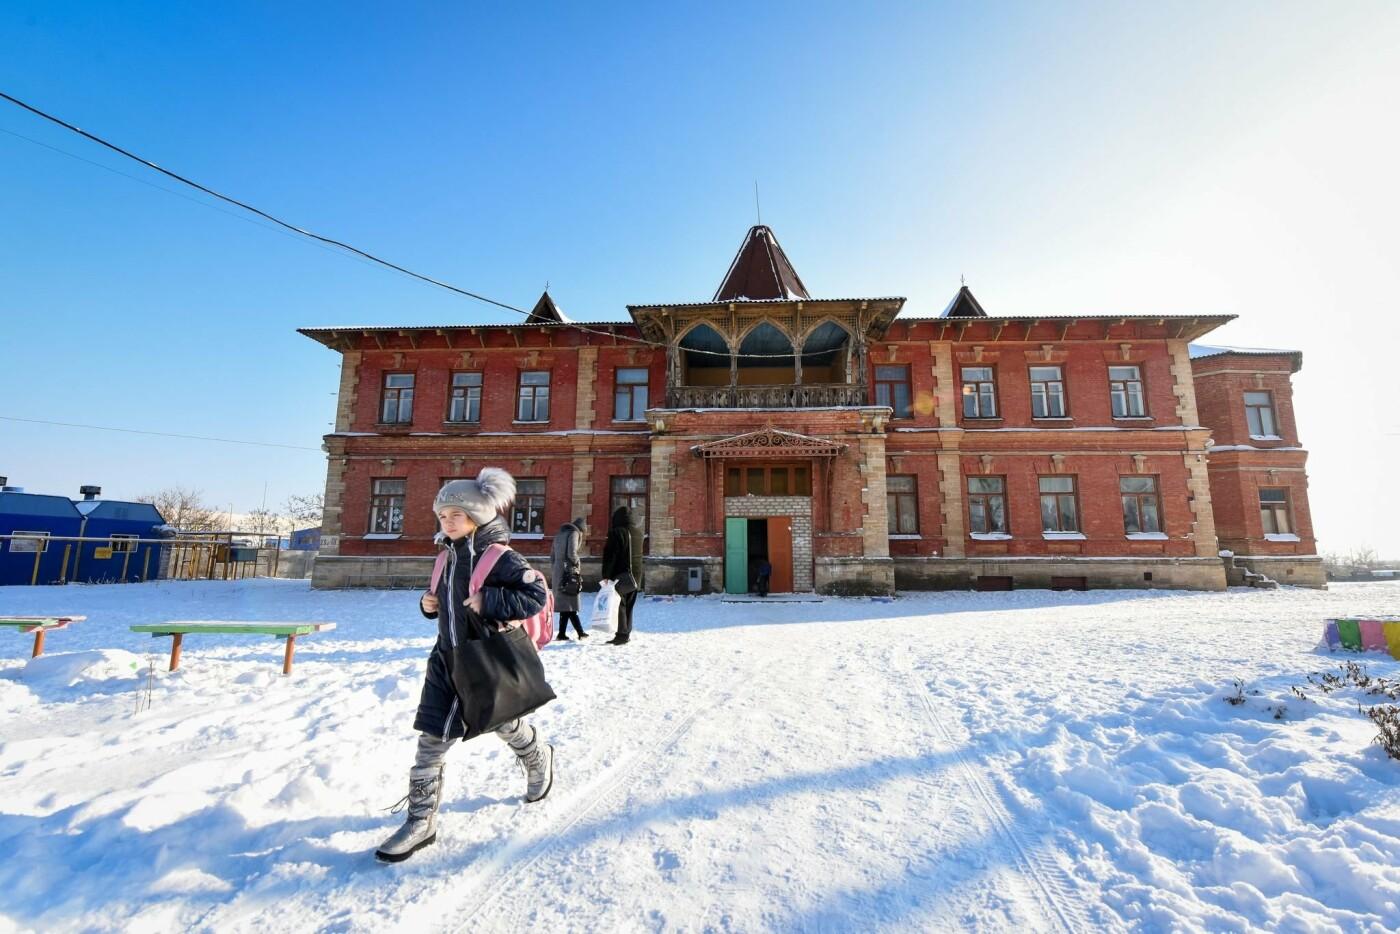 Маршруты выходного дня: не скучаем на карантине, а изучаем Запорожскую область и открываем секреты родного города, фото-15